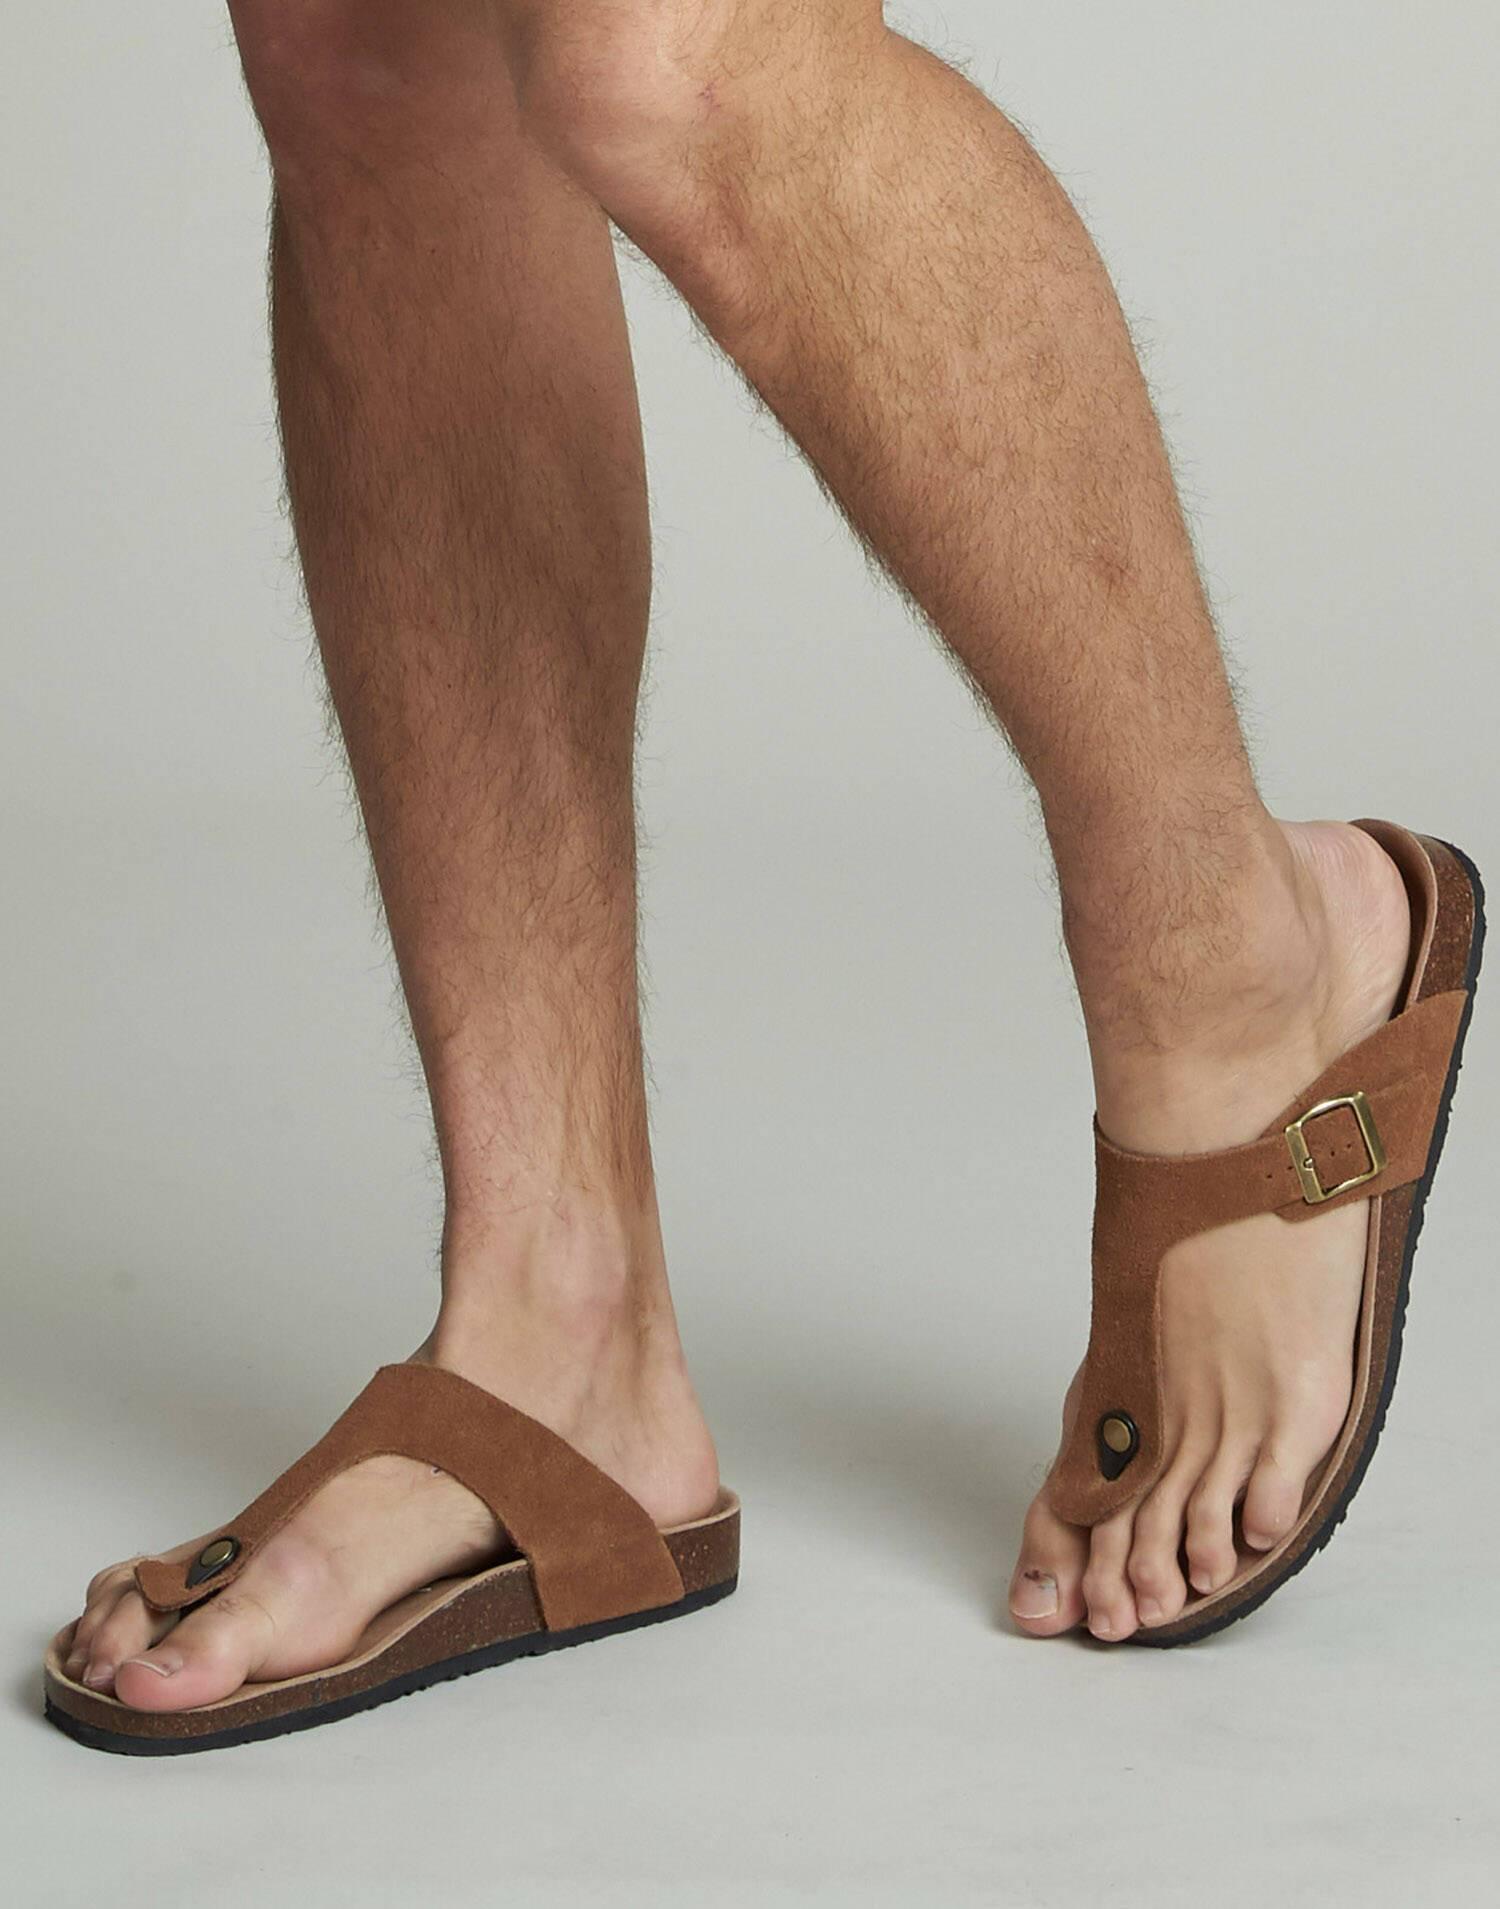 Ergonomic toe leather sandal for men